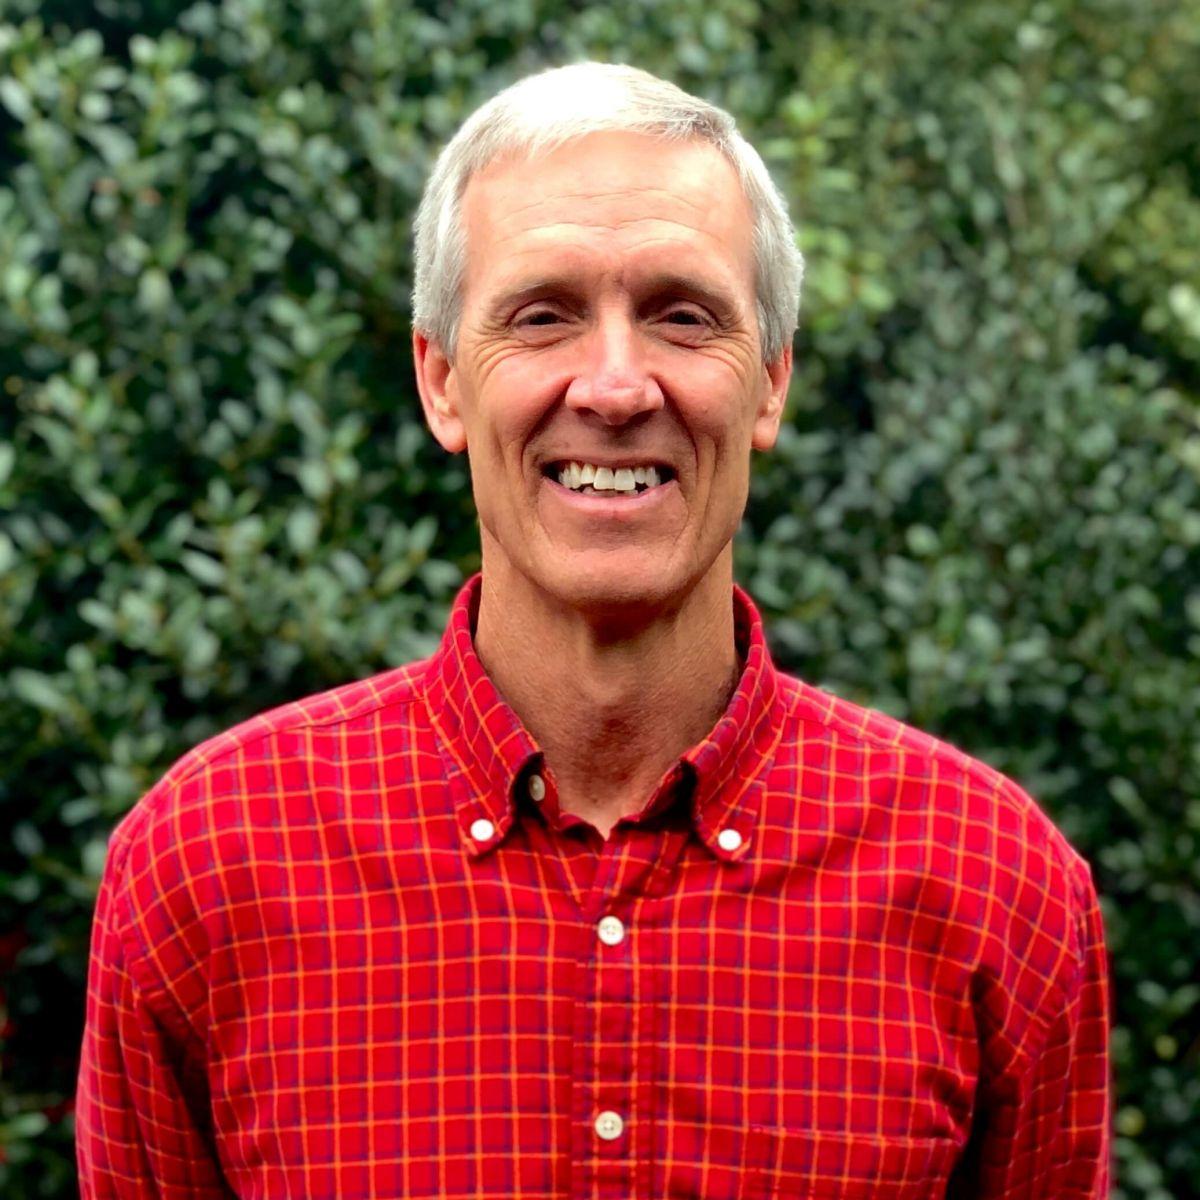 Rev. David Andes